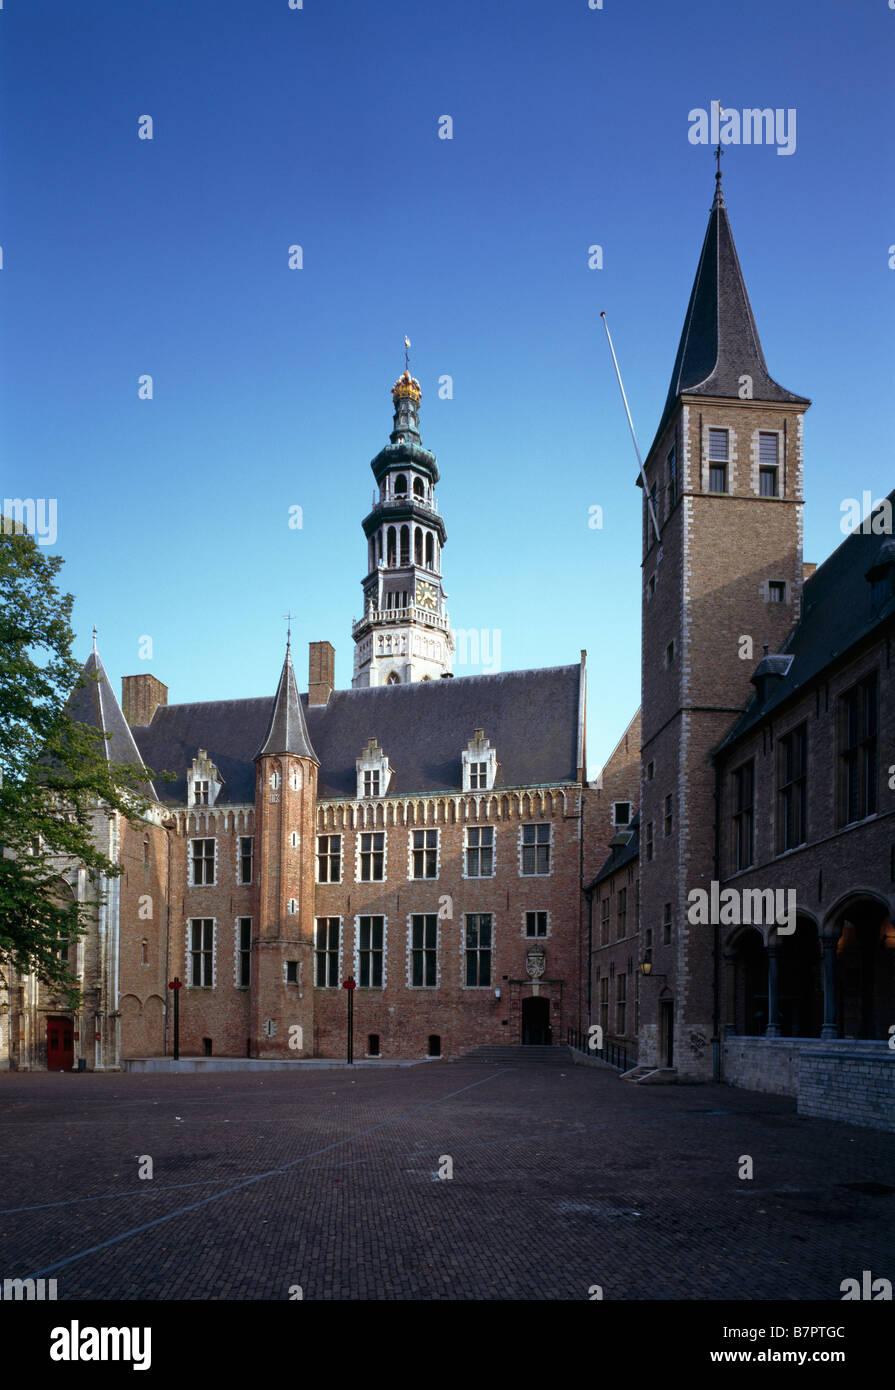 Middelburg, Abtei 'Onze Lieve Vrouwe', Blick vom Hof auf die Kirche - Stock Image